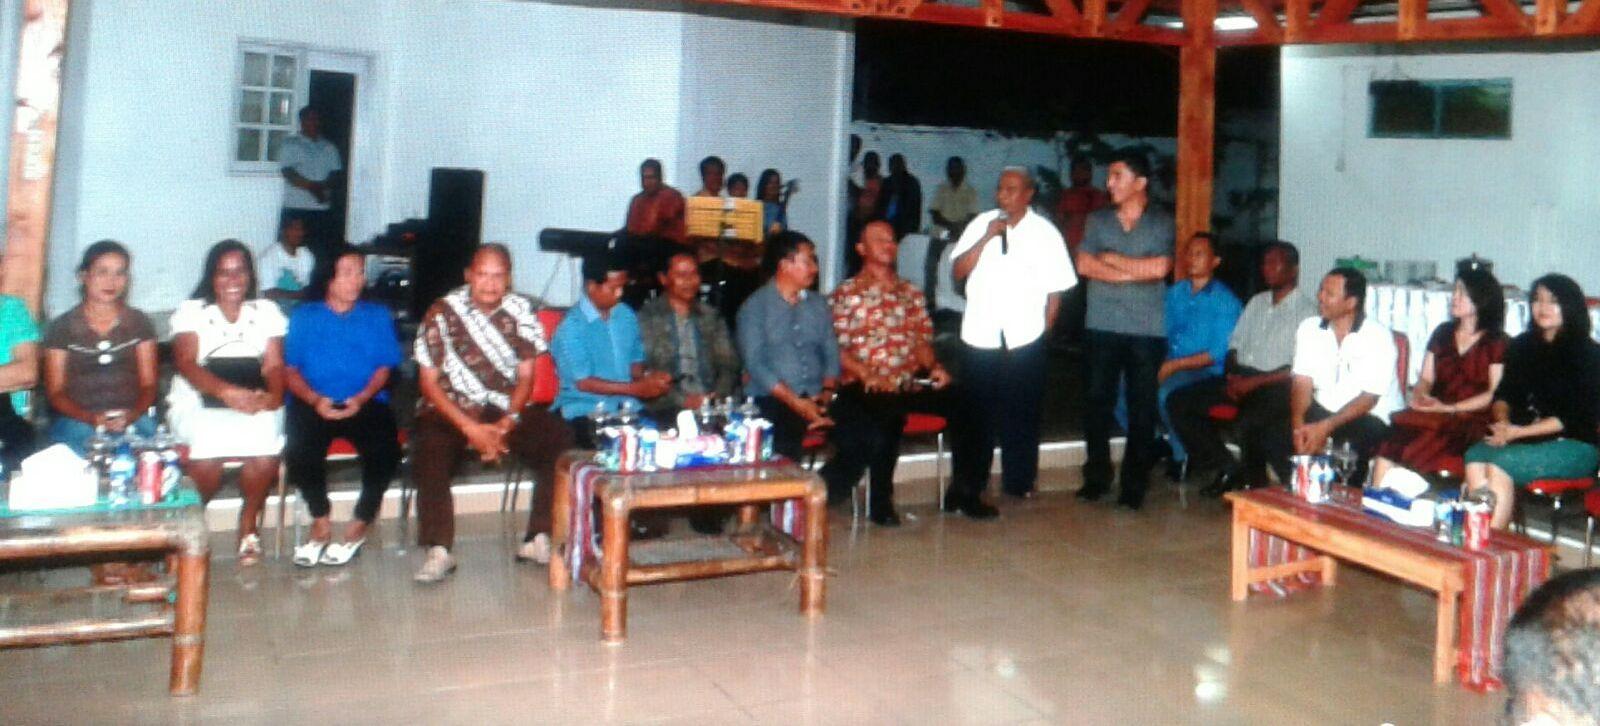 Wakil Bupati Belu terpilih, J.T Ose Luan sedang menyampaikan sekapur sirih, pada malam keakraban.